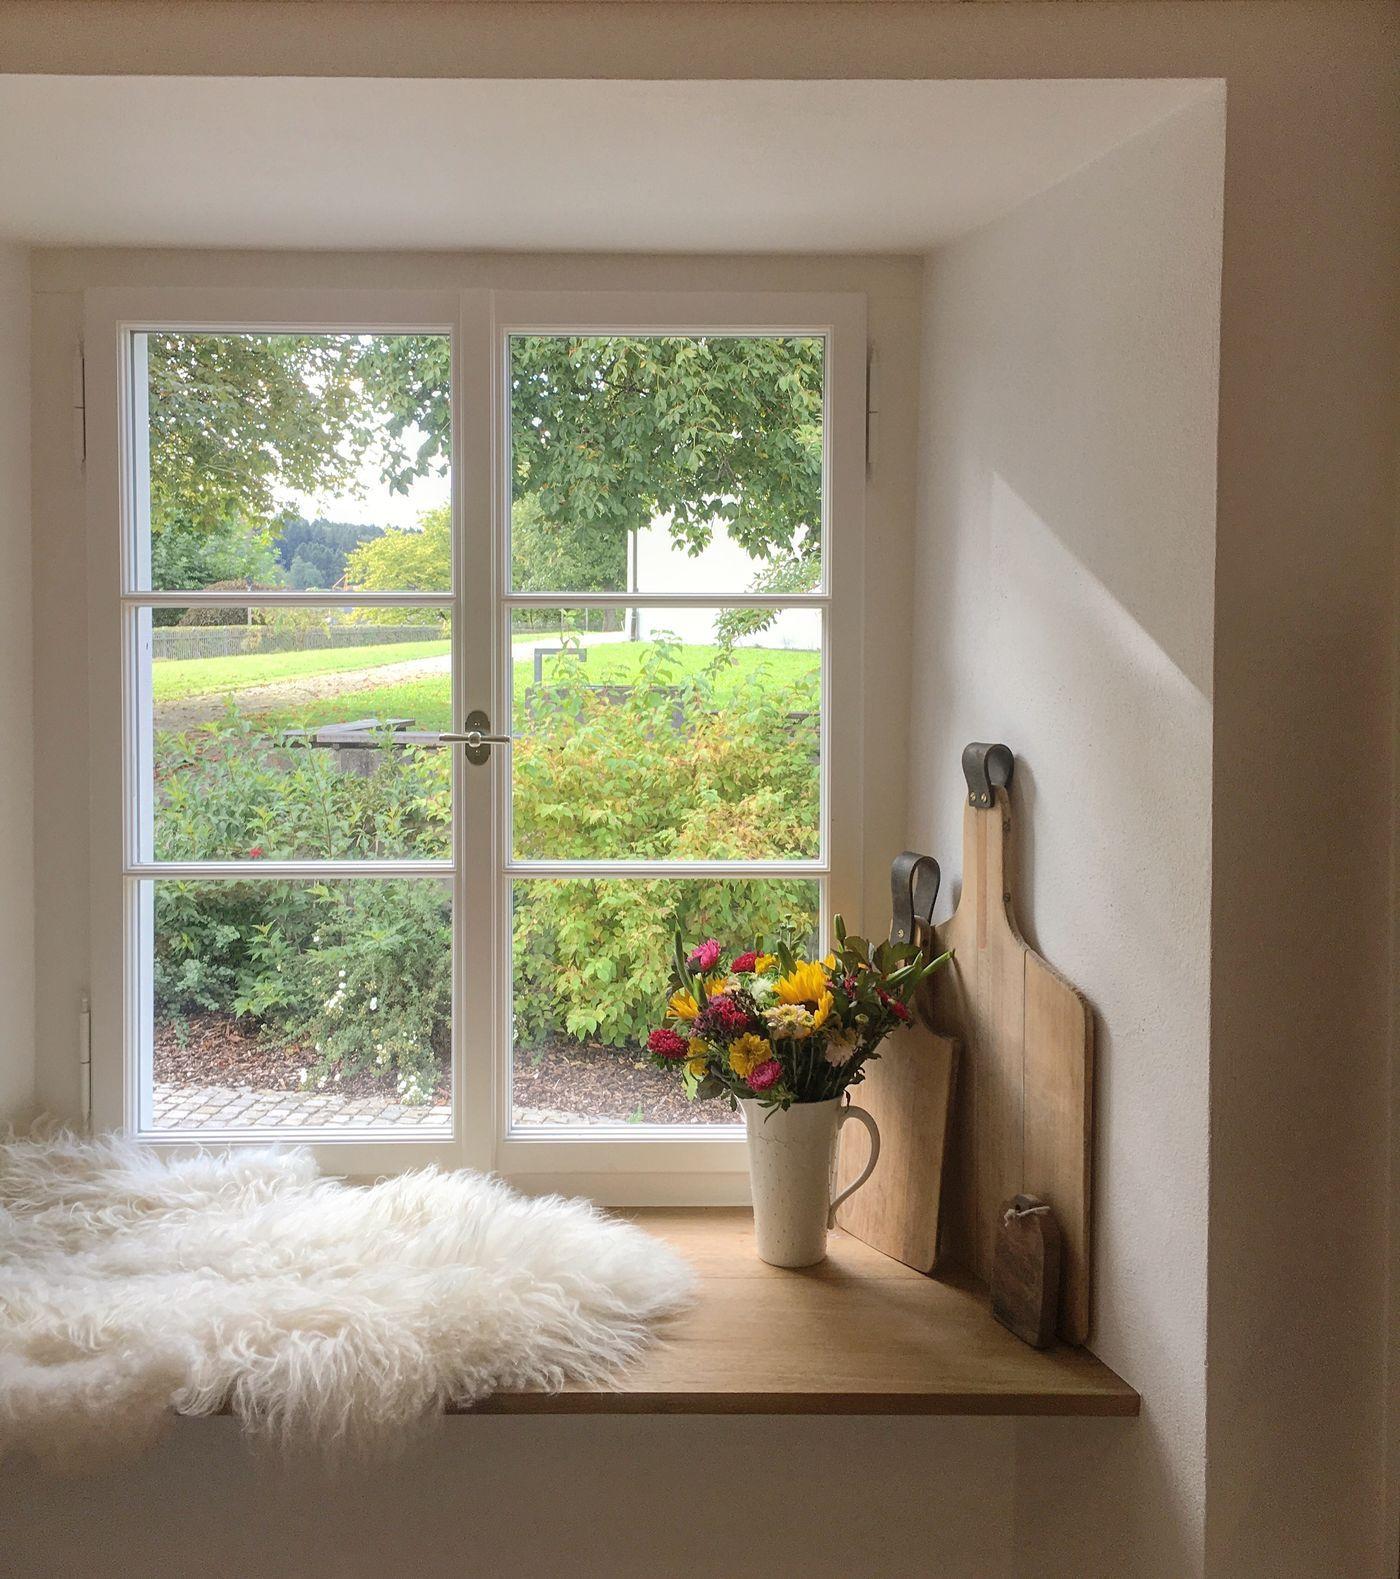 Full Size of Gardinen Doppelfenster Fensterdeko Schne Ideen Zum Dekorieren Für Wohnzimmer Schlafzimmer Fenster Küche Die Scheibengardinen Wohnzimmer Gardinen Doppelfenster